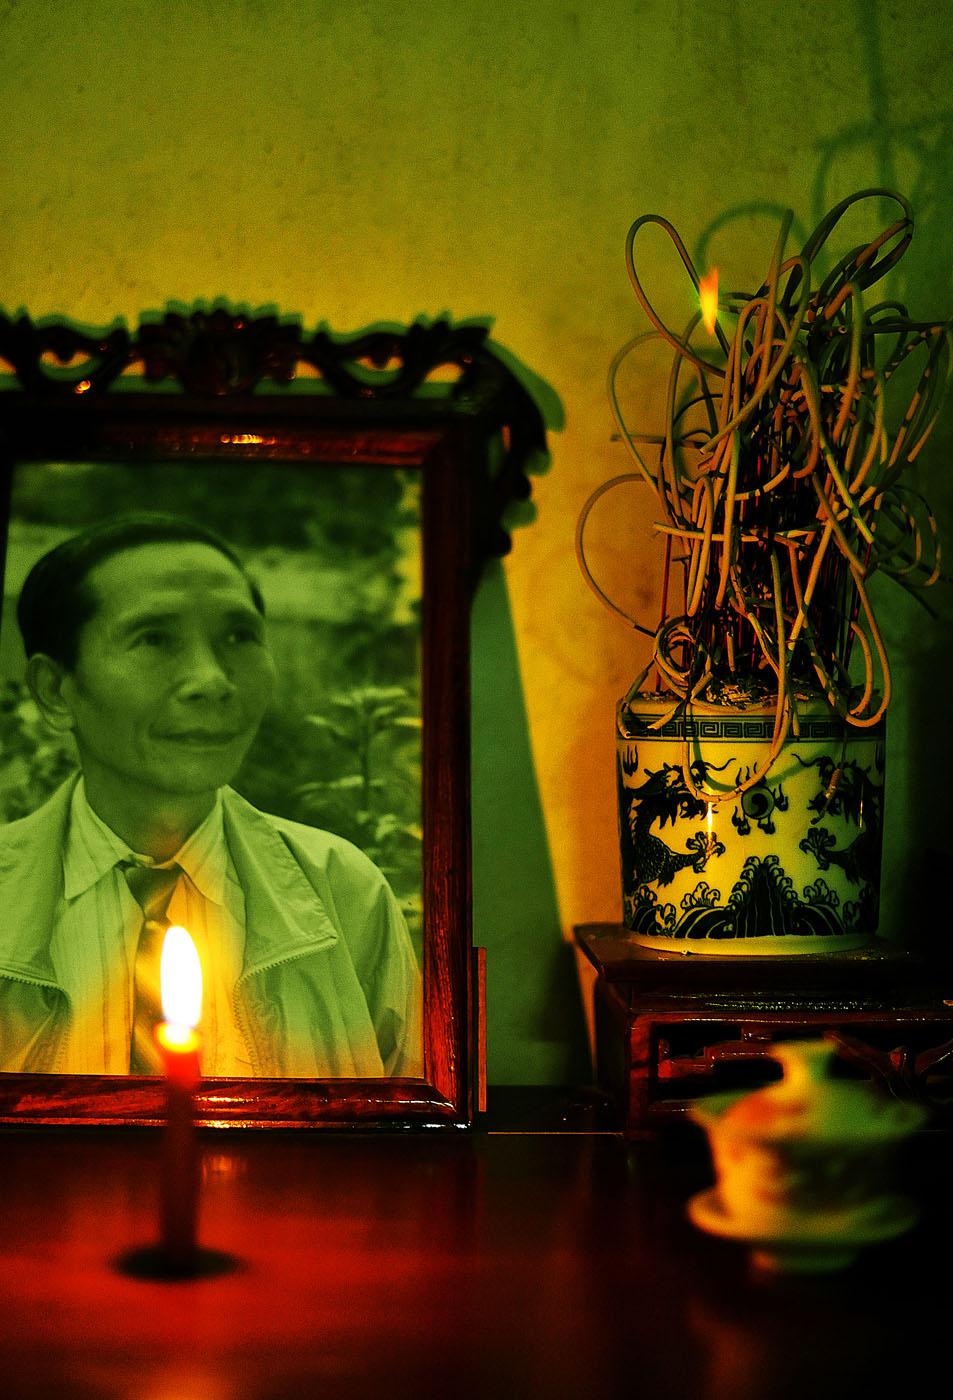 Viet Van Tran_Viet Nam_My mum_07.jpg